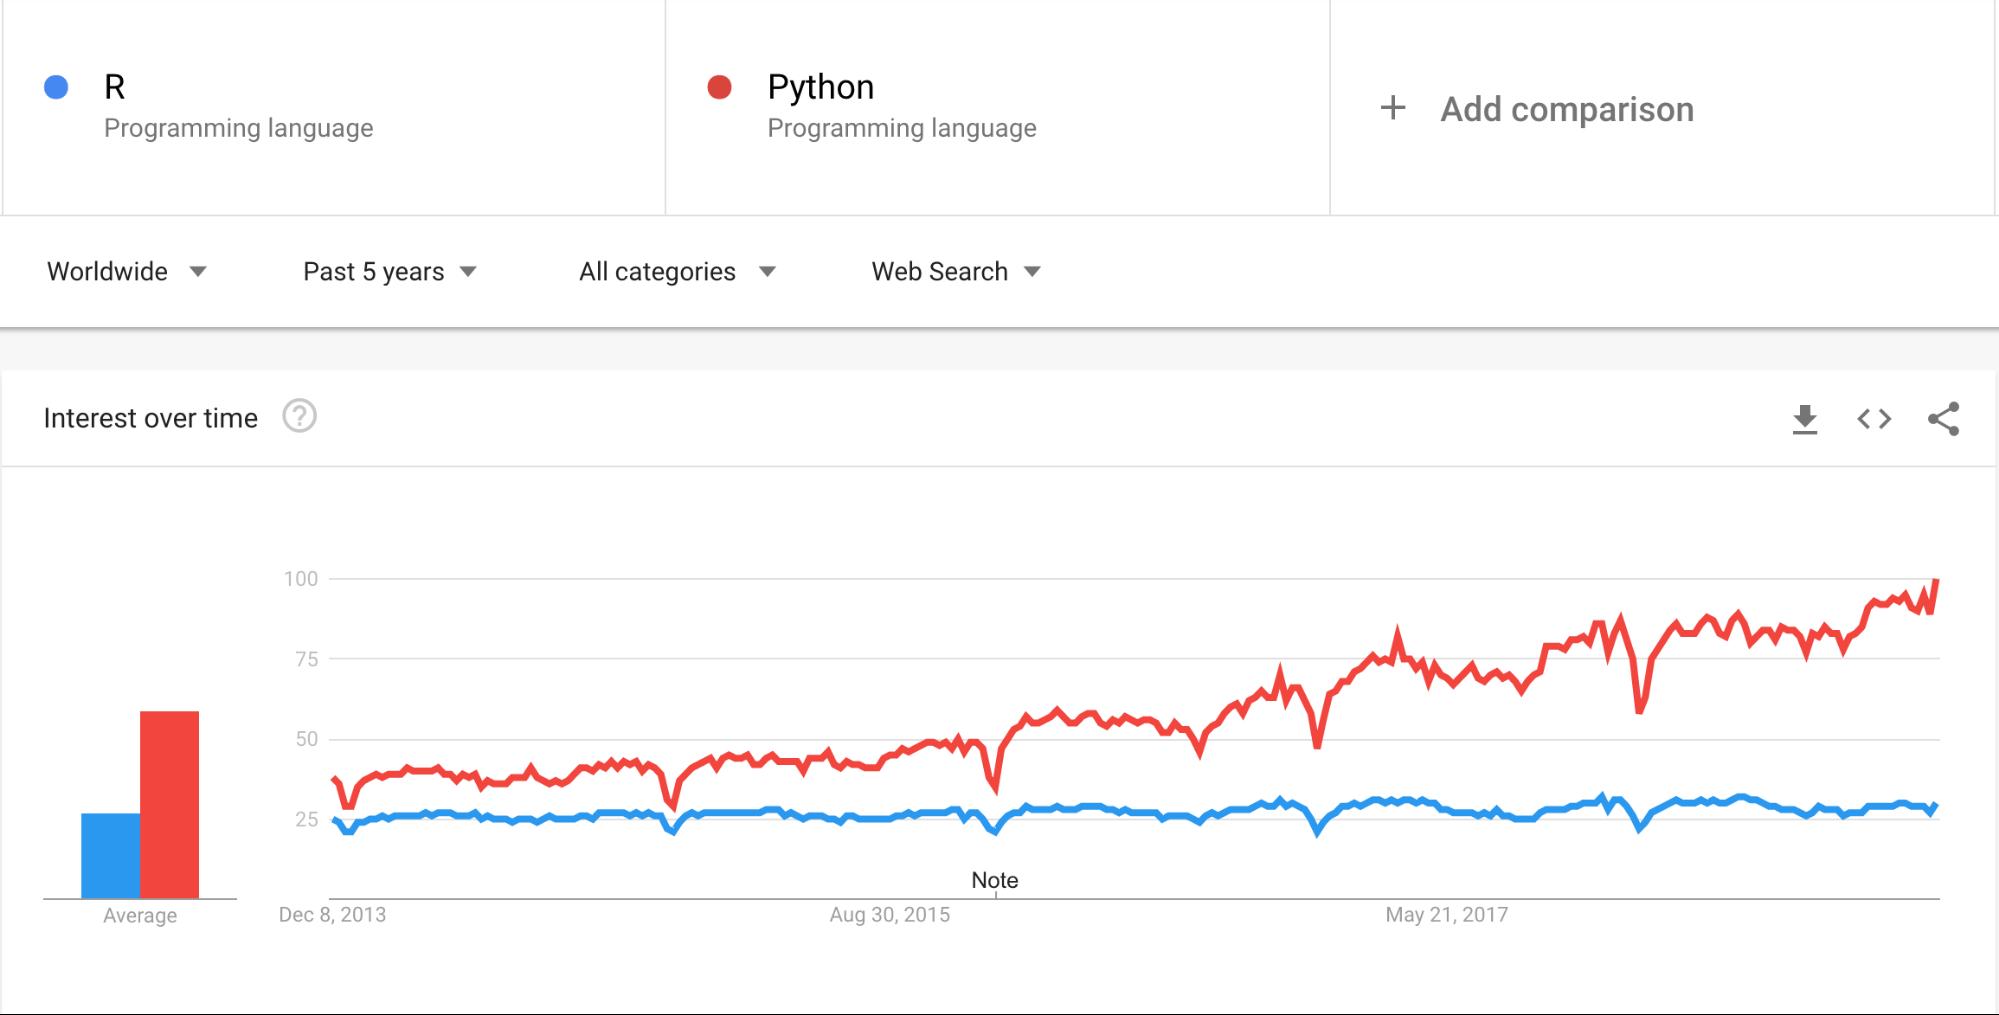 Quel est le langage le plus recherché sur Google ?